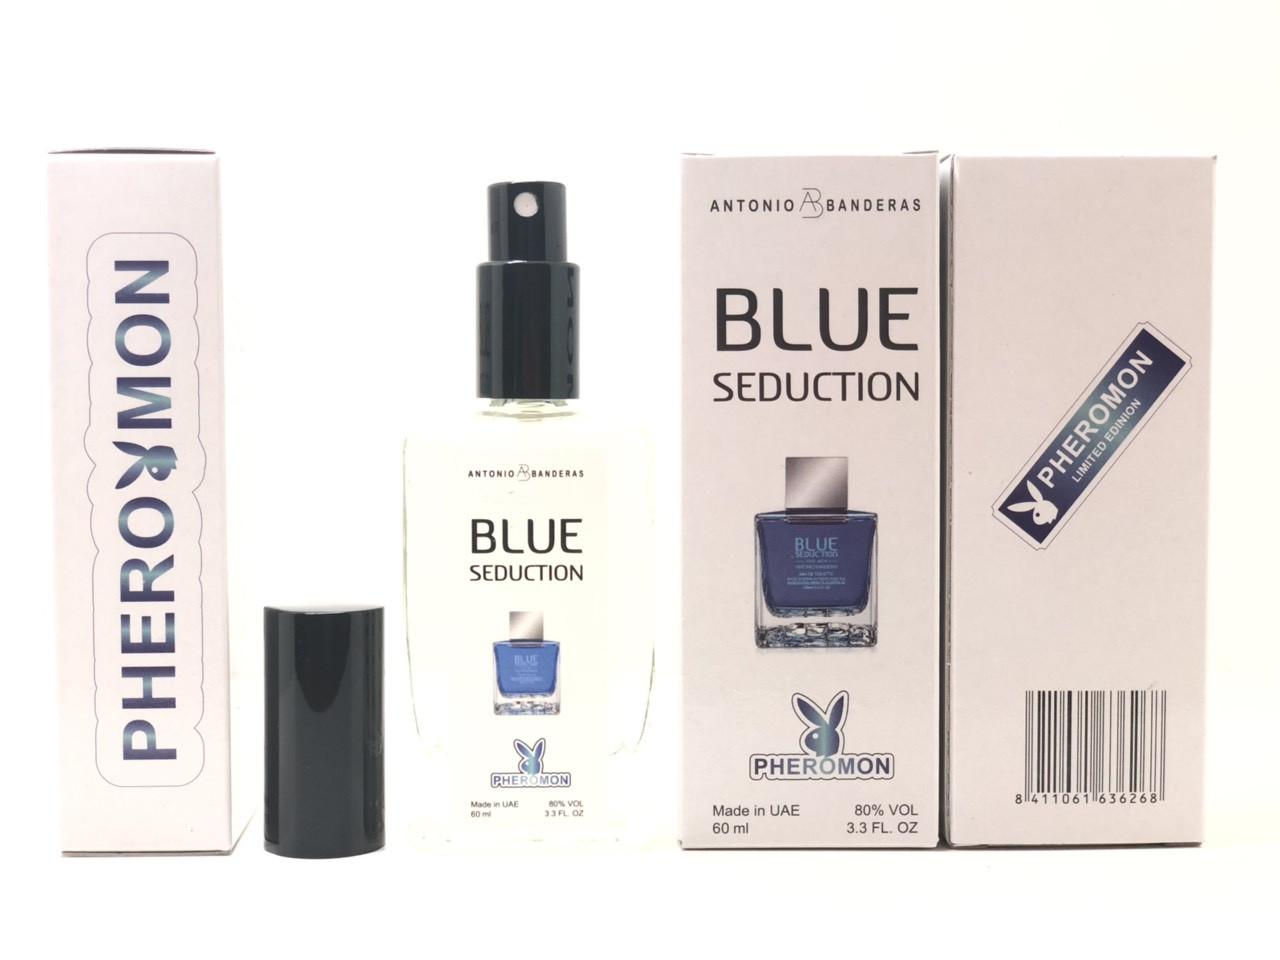 Antonio Banderas Seduction Blue мужской парфюм тестер 60 ml в цветной упаковке (реплика)